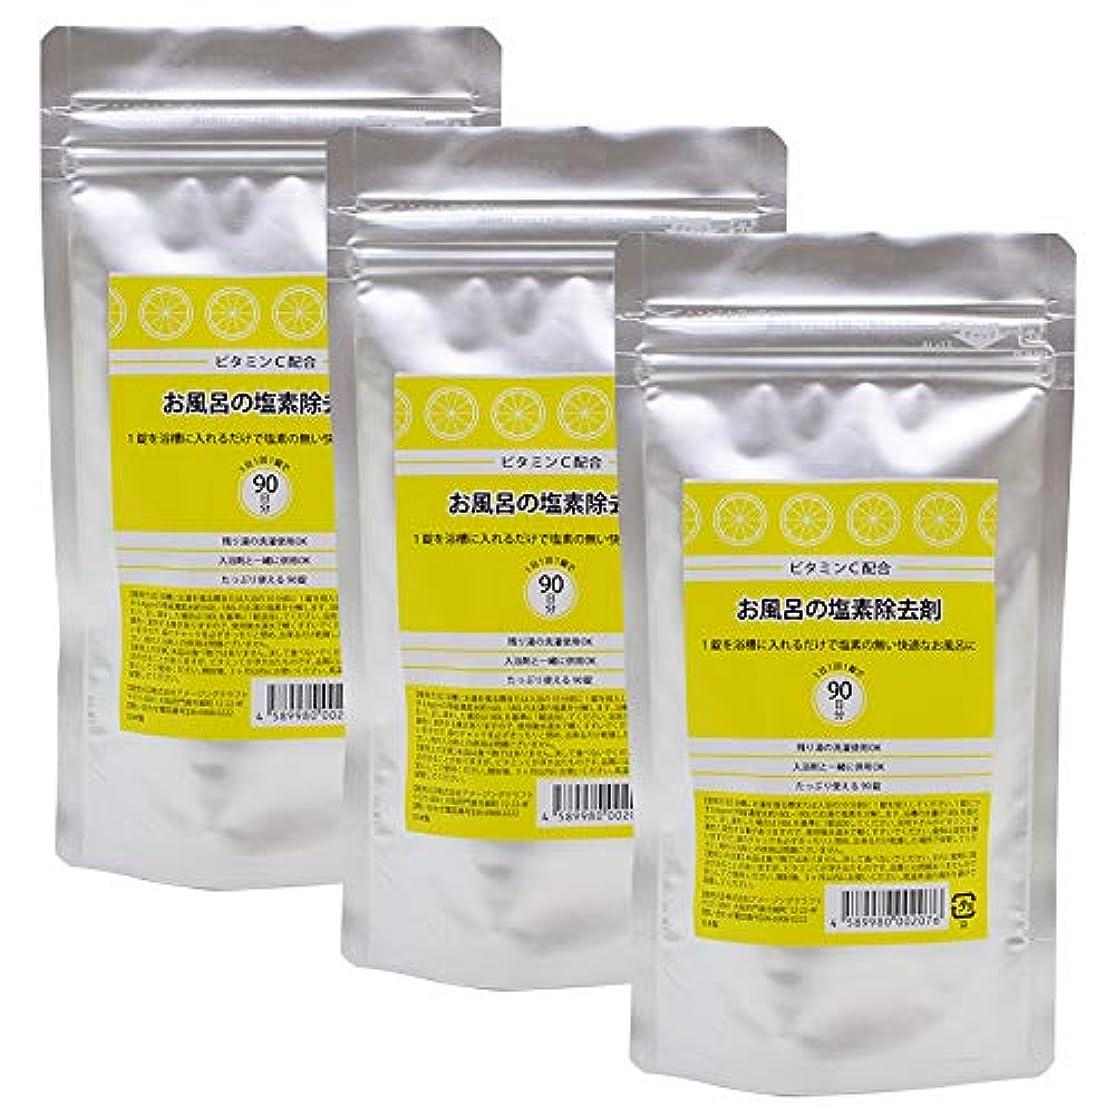 ジャンプ中級ヘロインビタミンC配合 お風呂の塩素除去剤 錠剤タイプ 90錠 3個セット 浴槽用脱塩素剤